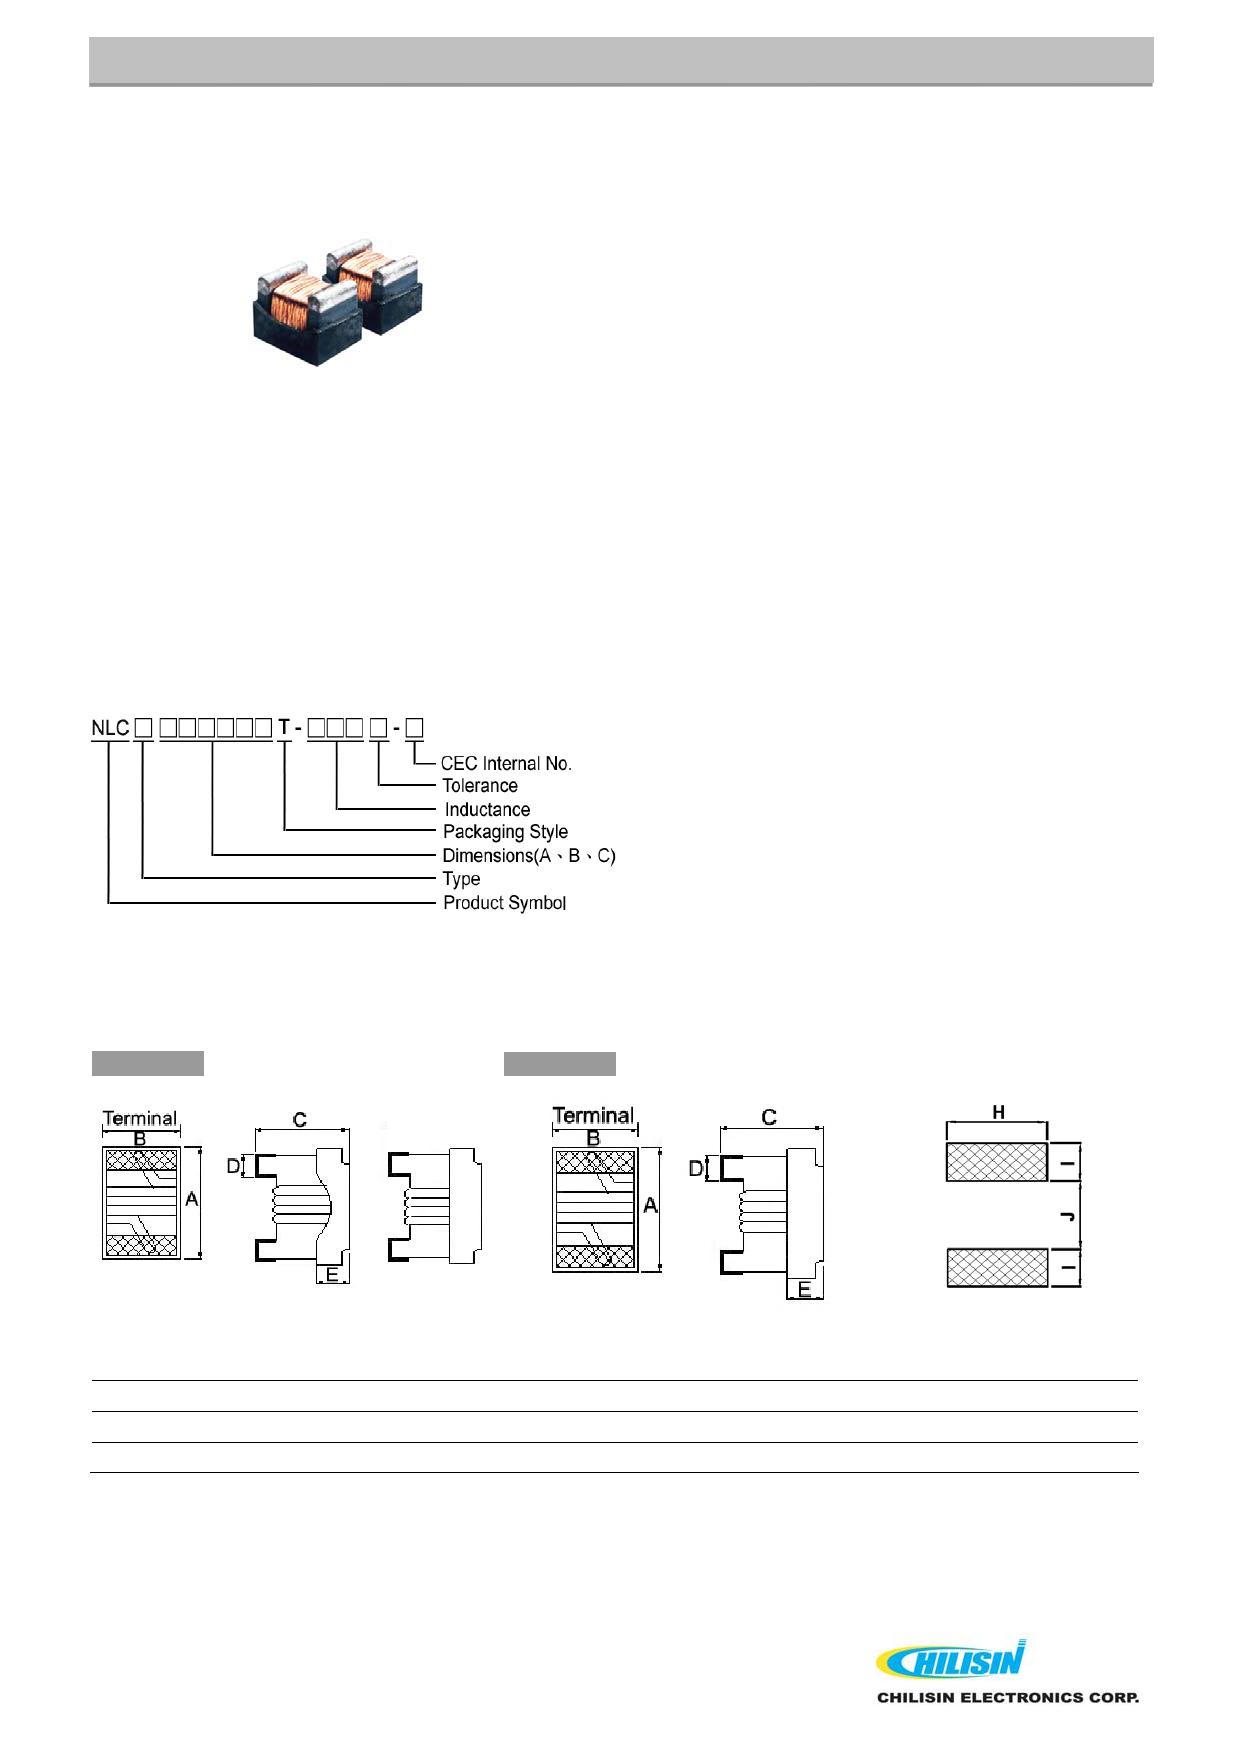 NLC252018 데이터시트 및 NLC252018 PDF